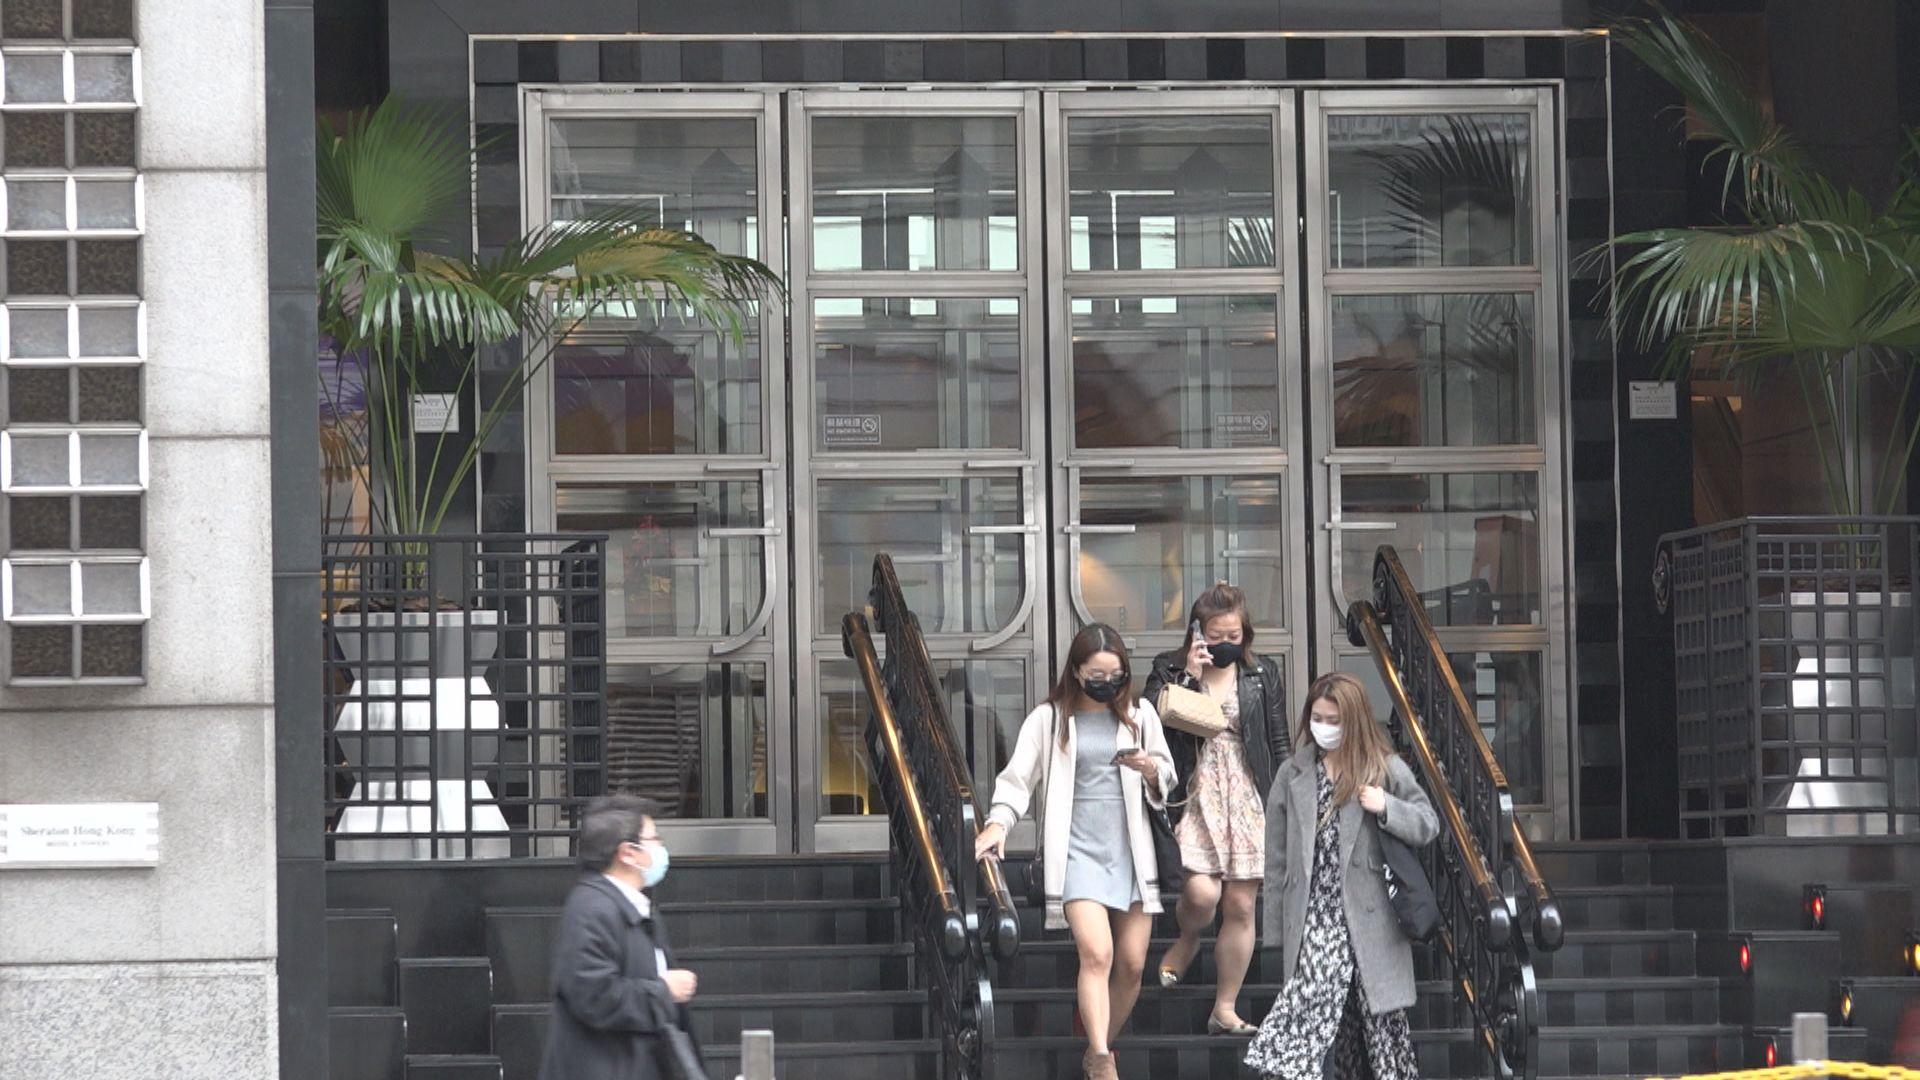 本港首季酒店入住率僅四成 急跌52個百分點